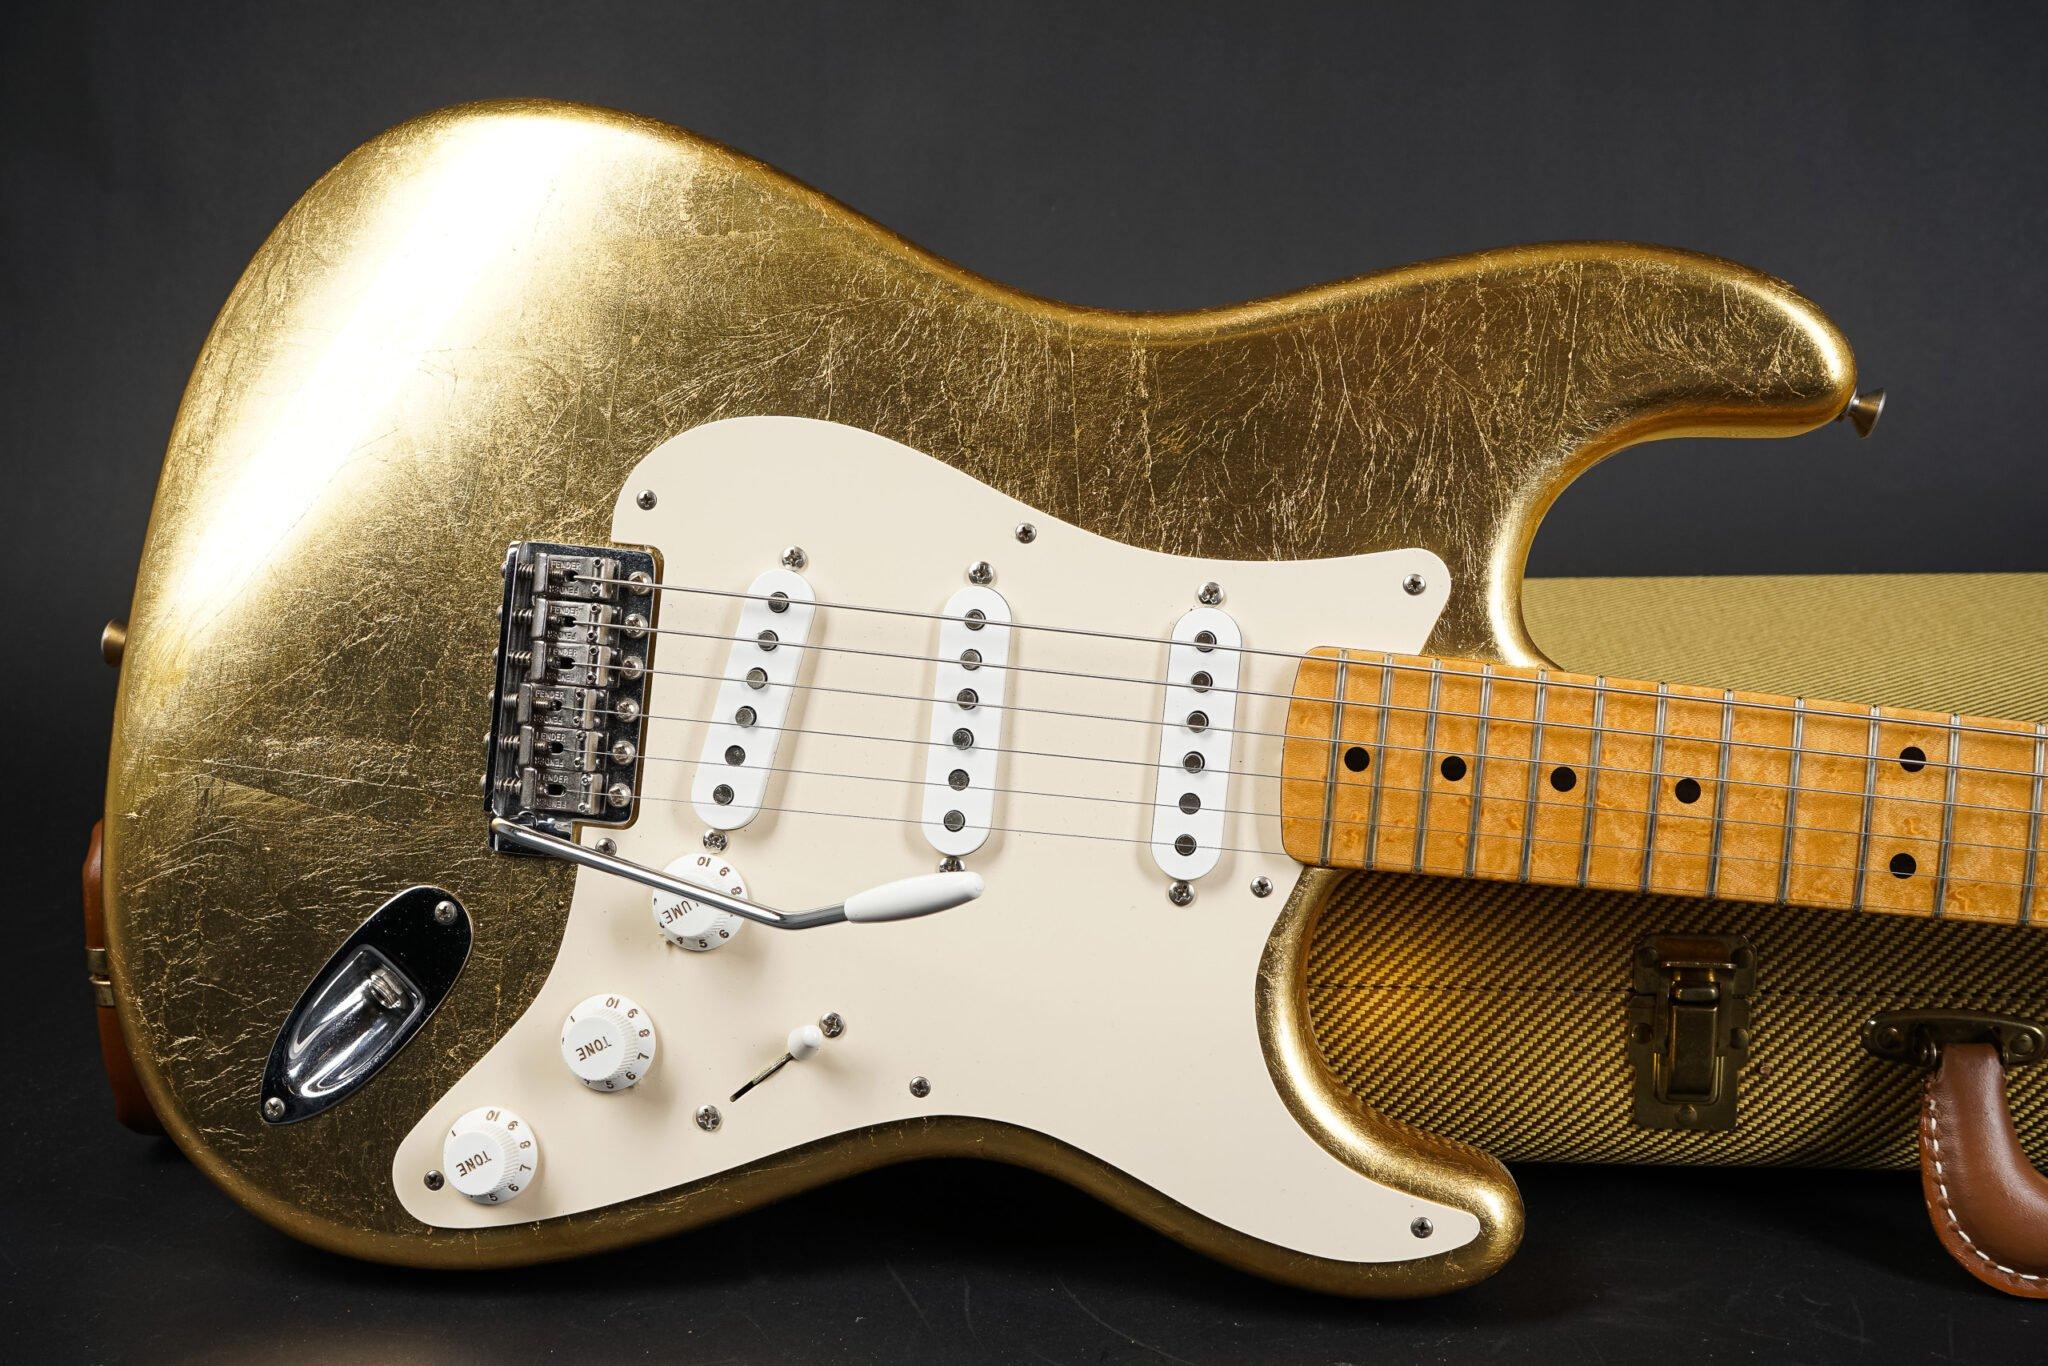 https://guitarpoint.de/app/uploads/products/2003-fender-custom-shop-gold-leaf-stratocaster-telecaster-set-8-of-10/leaf-str-1-2048x1366.jpg